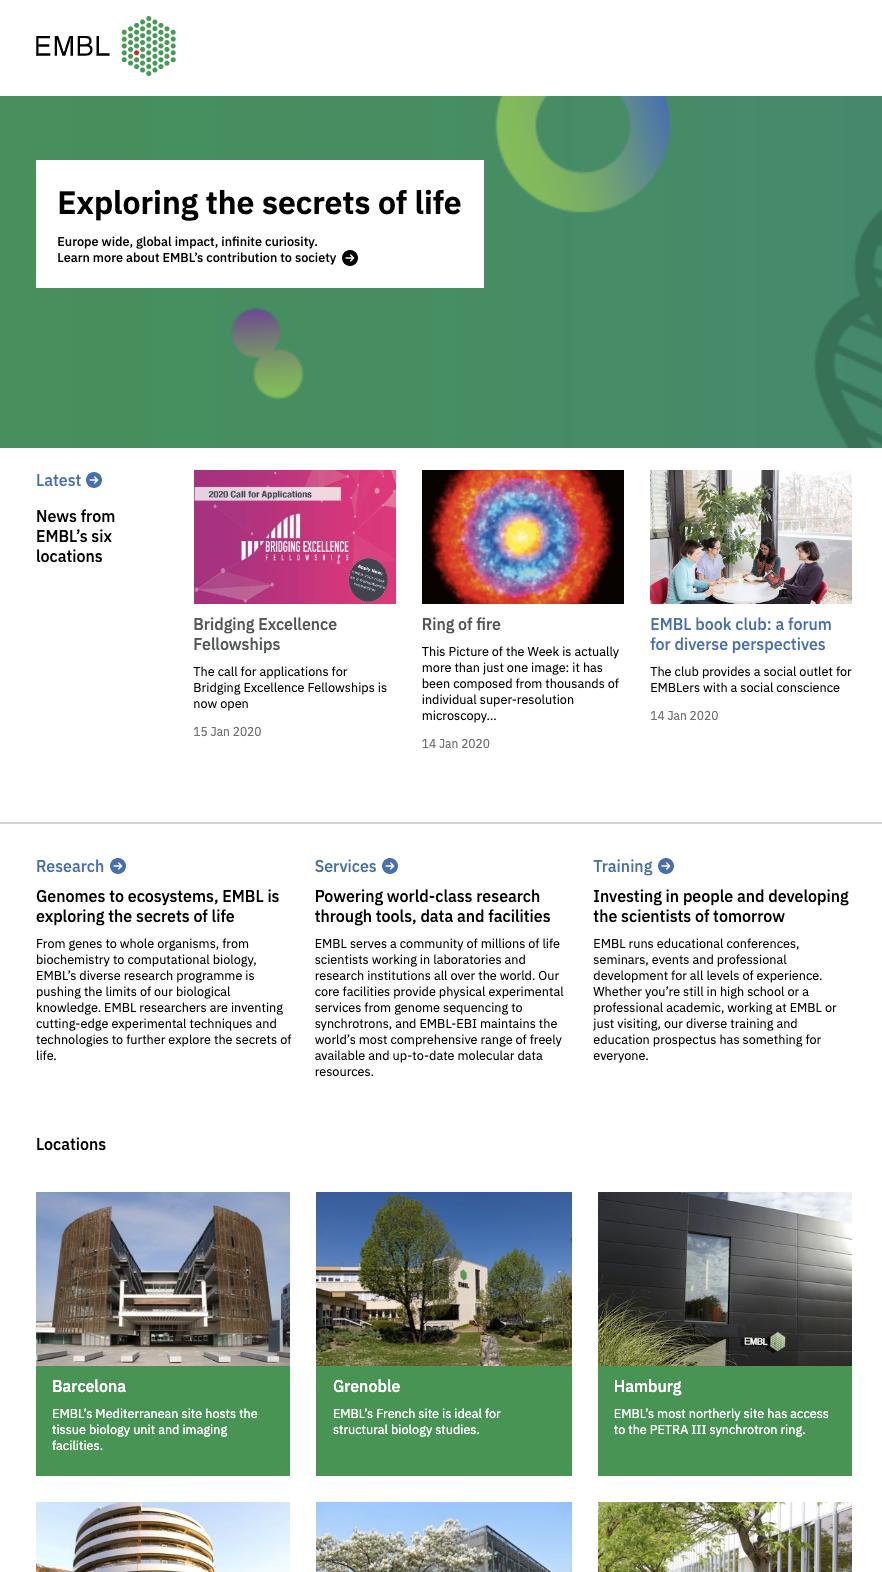 A screenshot from embl.org